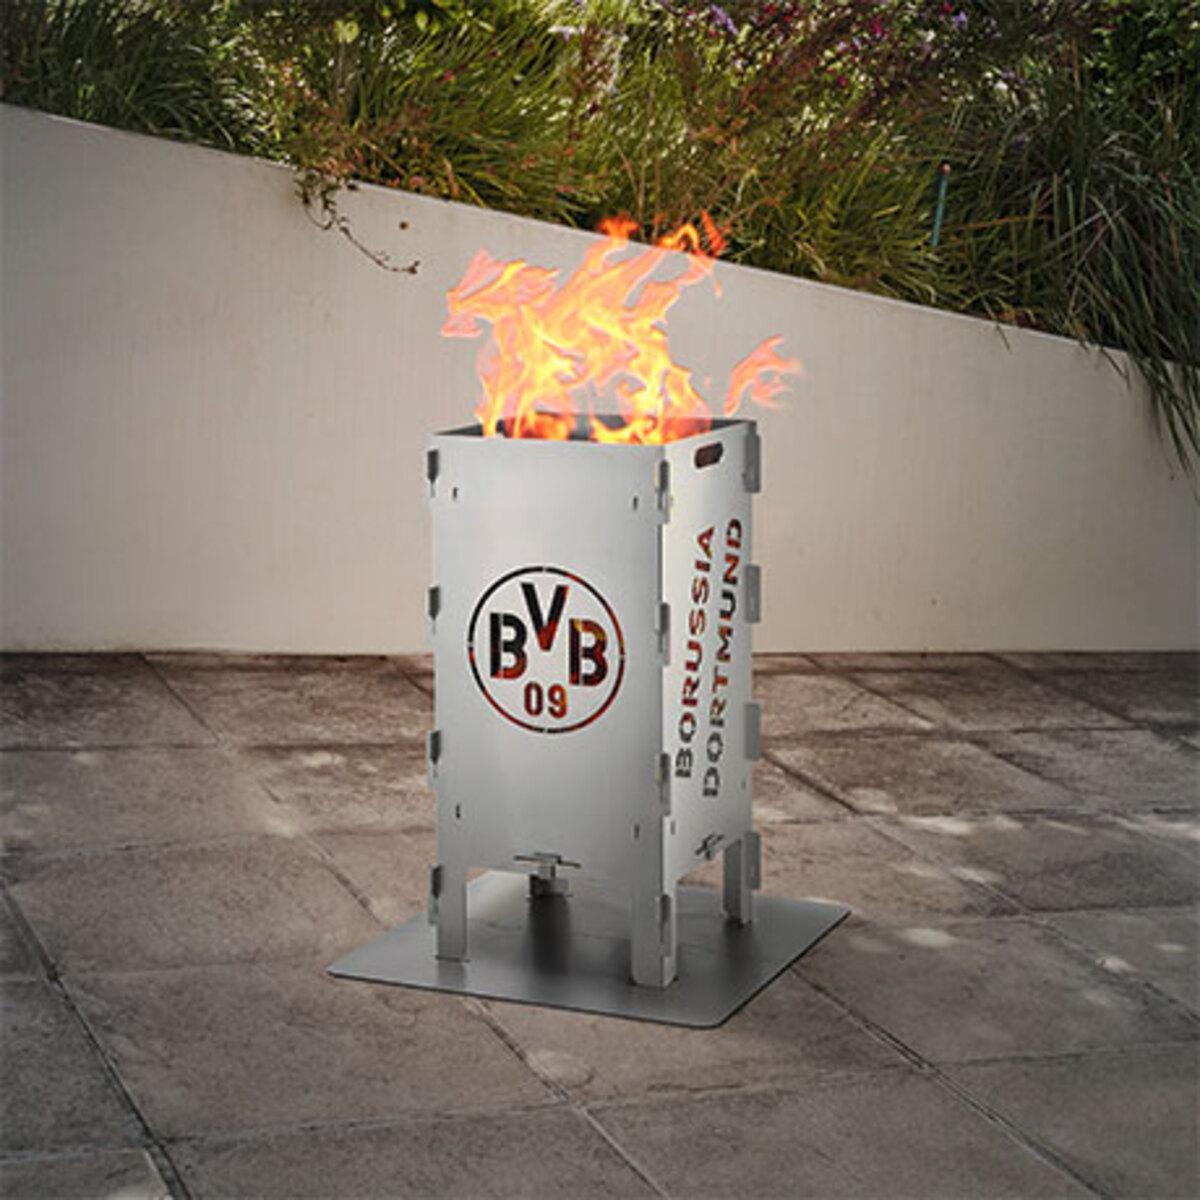 Bild 1 von Fußball-Feuersäule BVB1